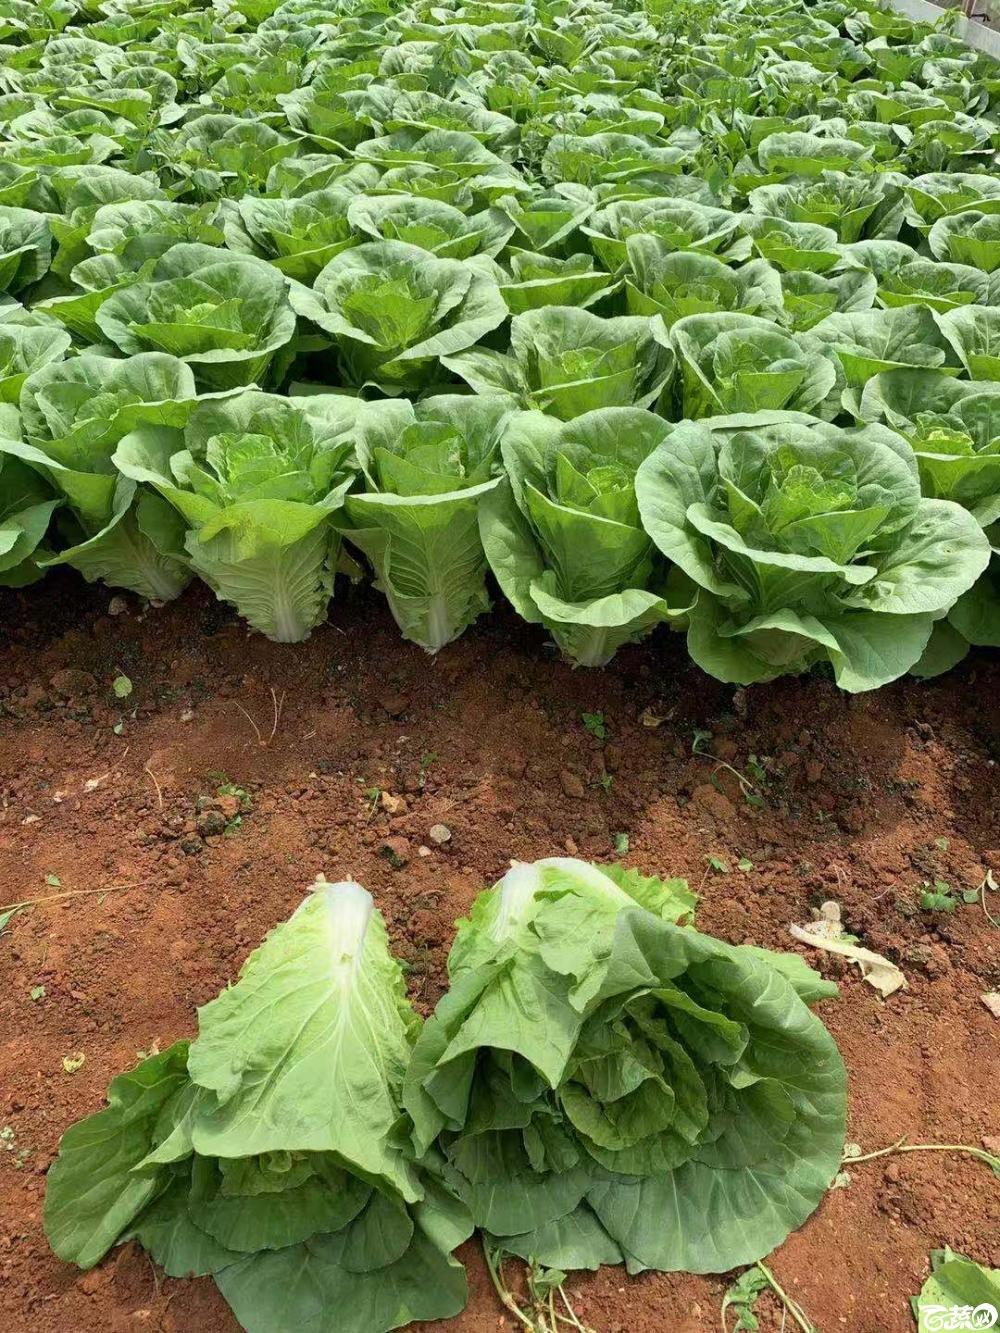 农友高品质杂交快菜3,200元每斤,热线电话15817063731.jpg